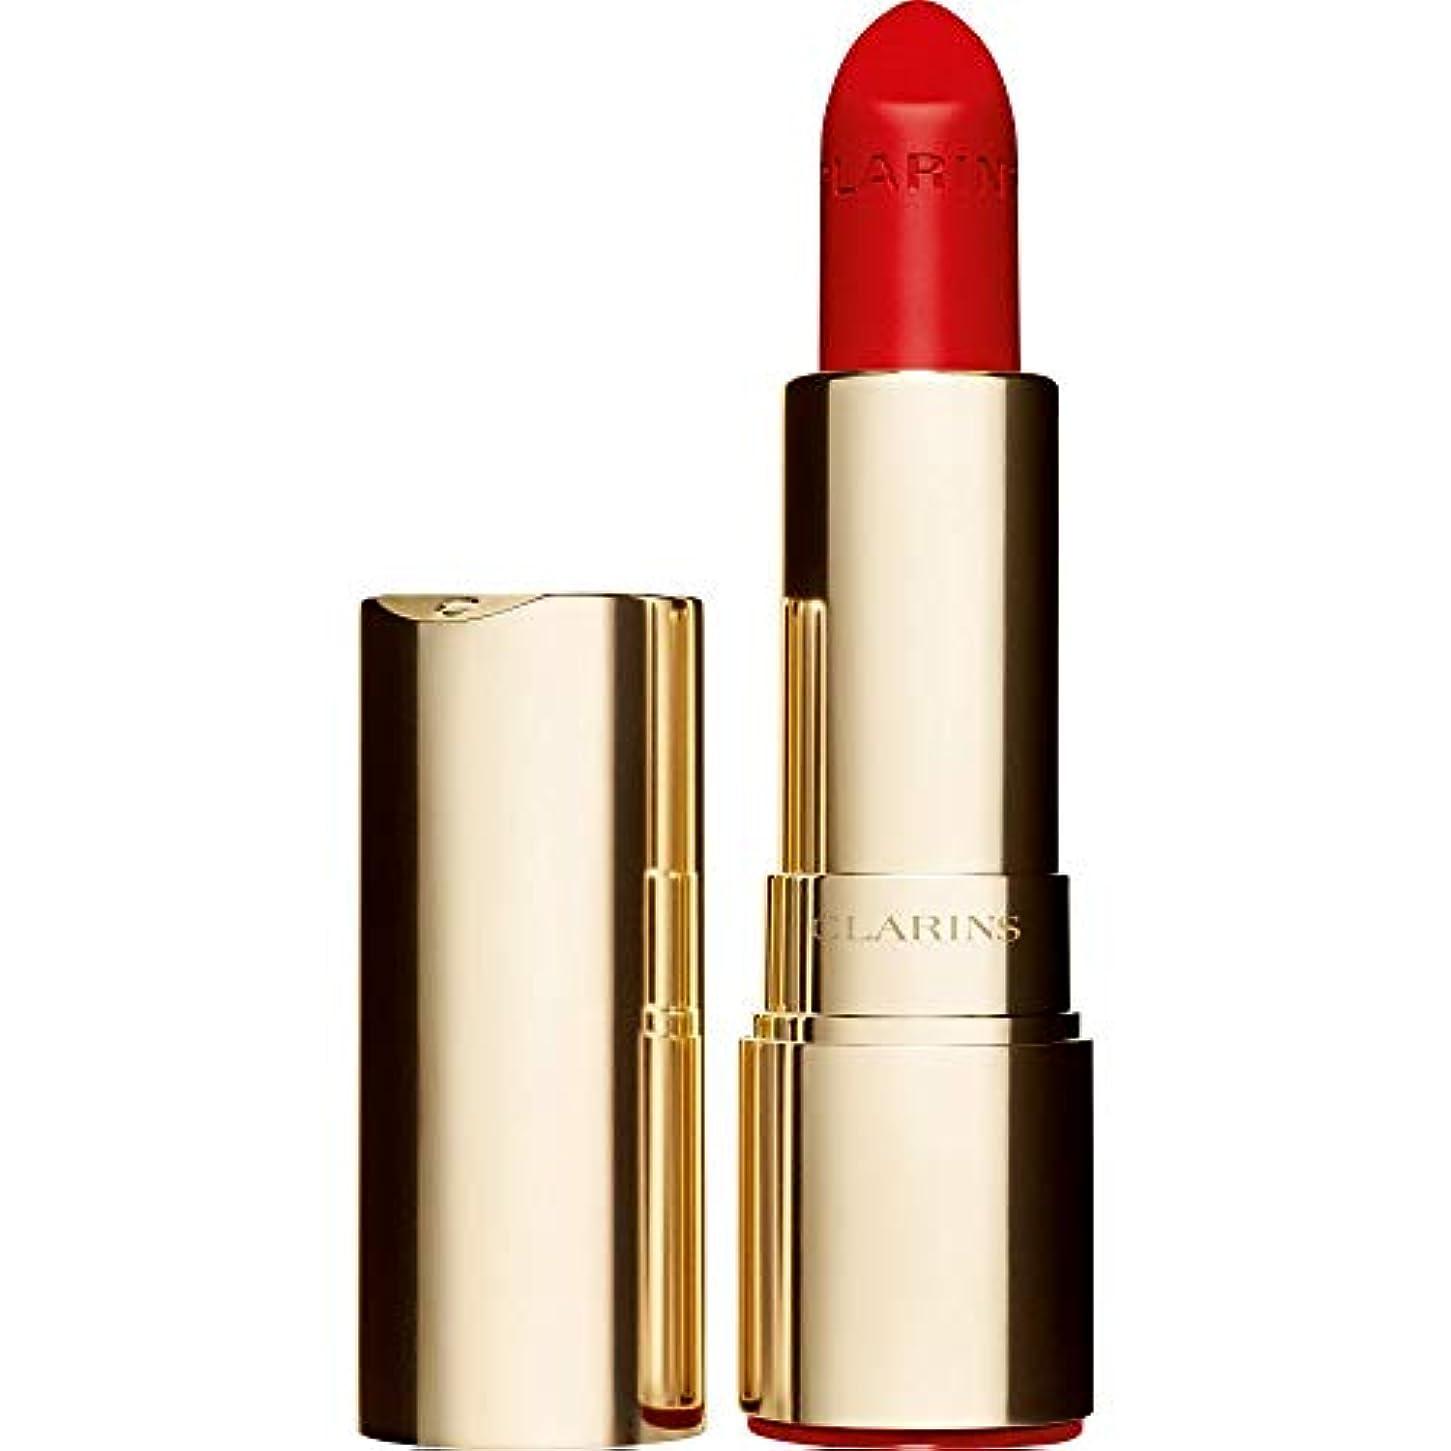 重さ囚人行商人[Clarins ] クラランスジョリルージュのベルベットの口紅3.5グラムの741V - 赤、オレンジ - Clarins Joli Rouge Velvet Lipstick 3.5g 741V - Red Orange...